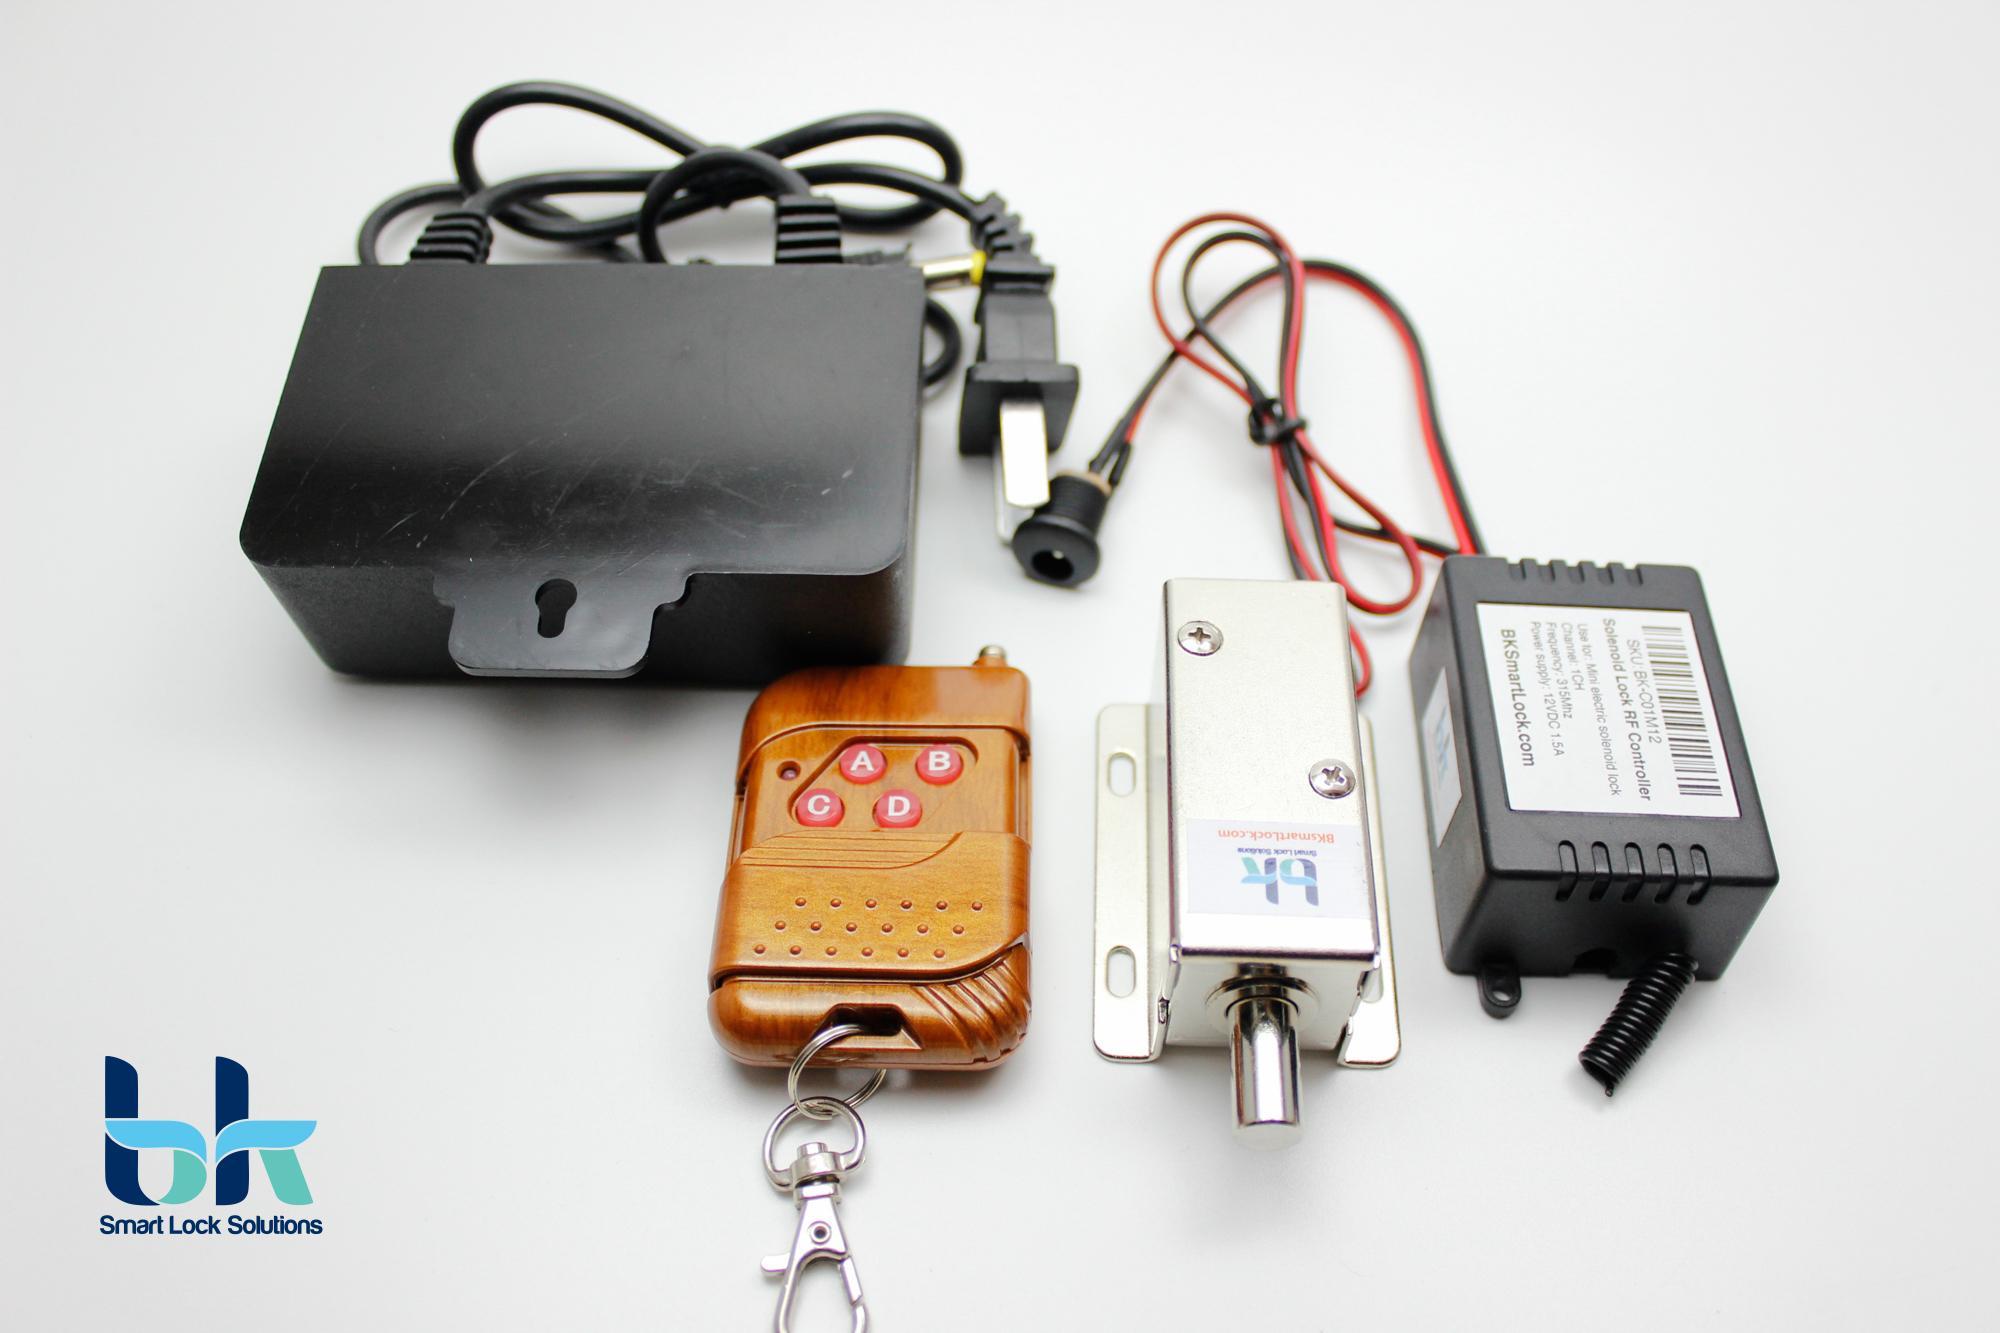 Bộ khóa cửa điện từ BK Smart Lock BK-C02M12, chốt tròn thường đóng D8mm 12V, remote điều khiển 315 Mhz